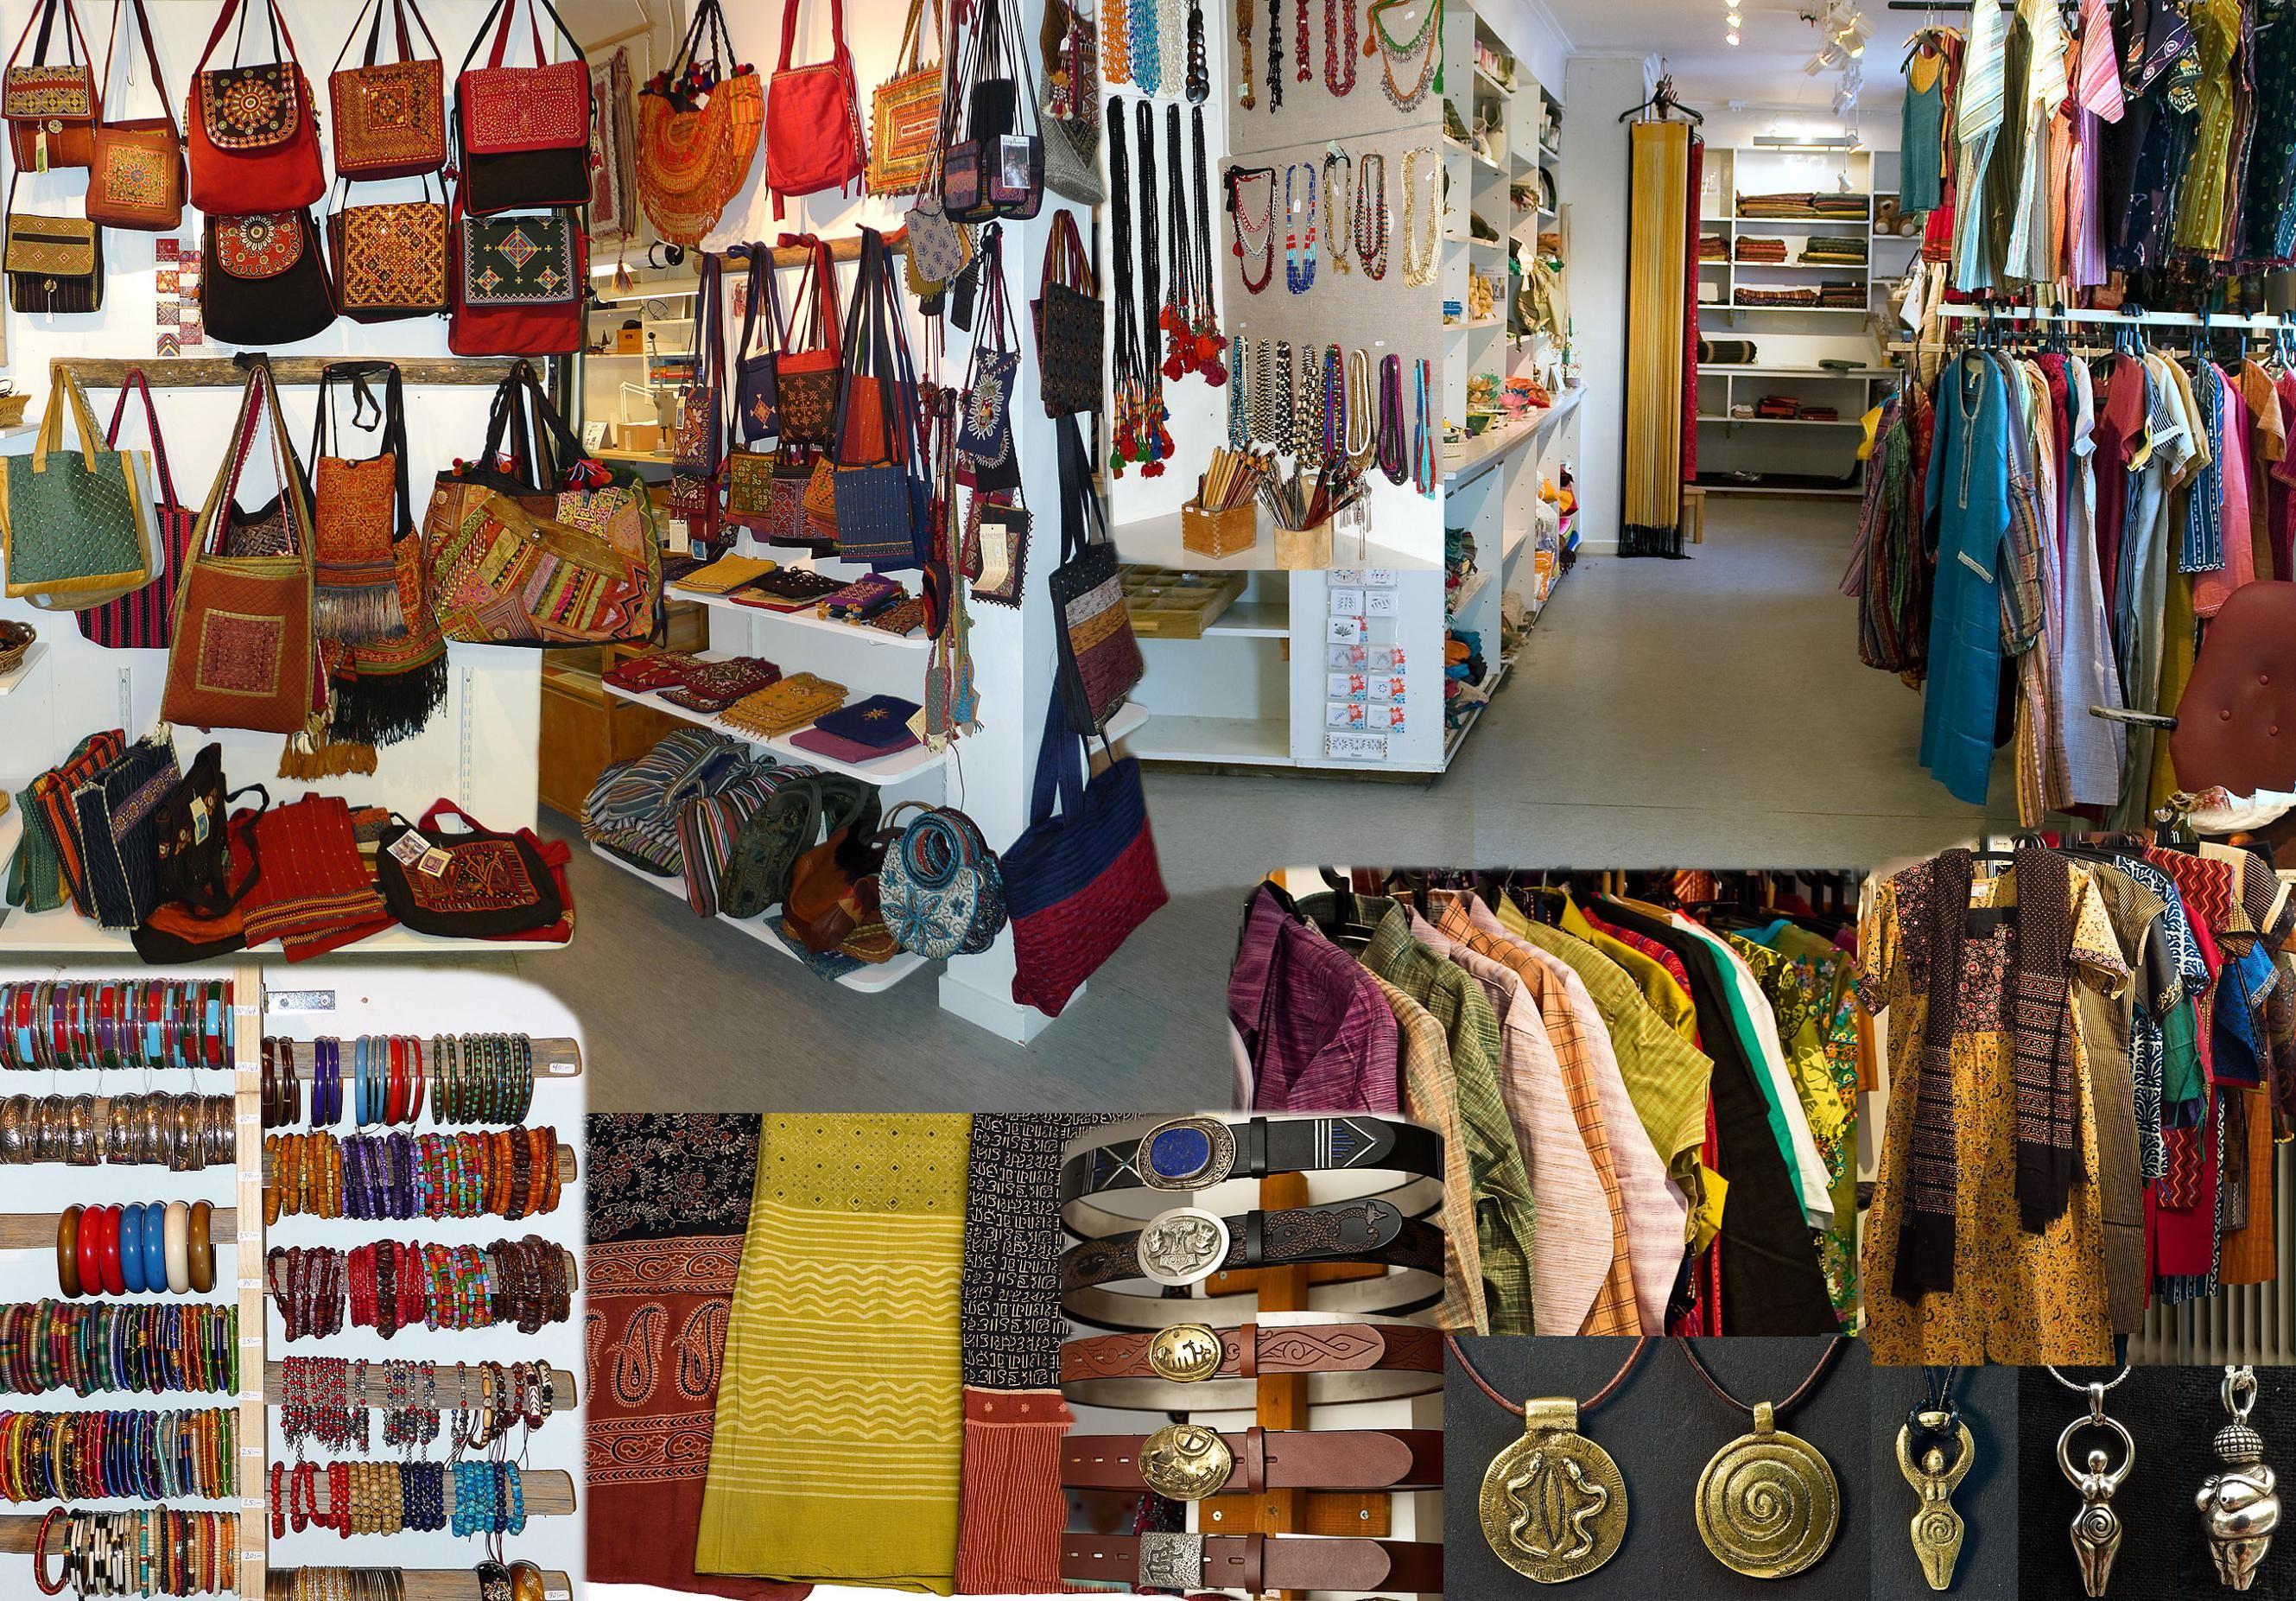 Per Sahlström Essys & Läderjord,  © ffoto får användas i relevant marknadsföring  av Ångermanland, Essy's craft boutique